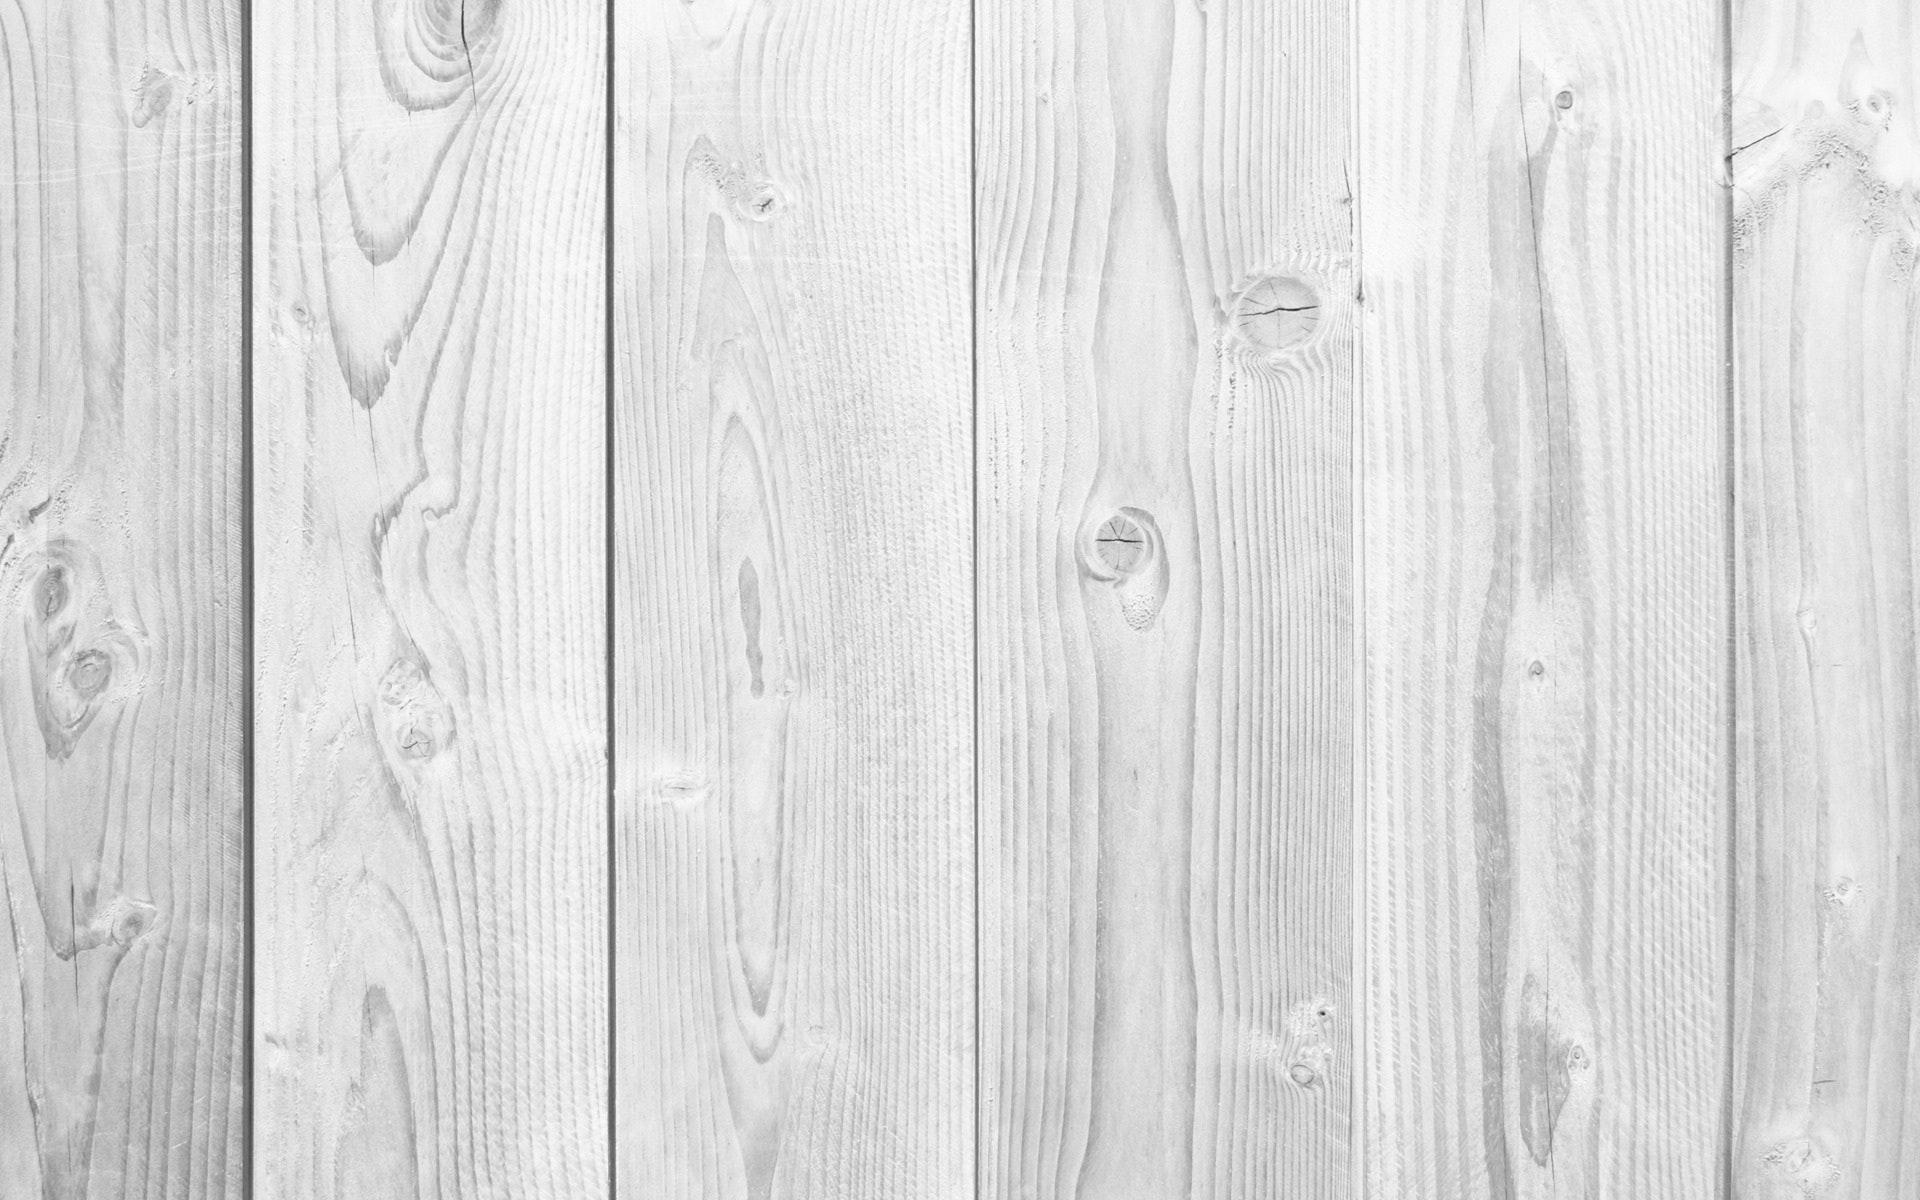 pintar madera